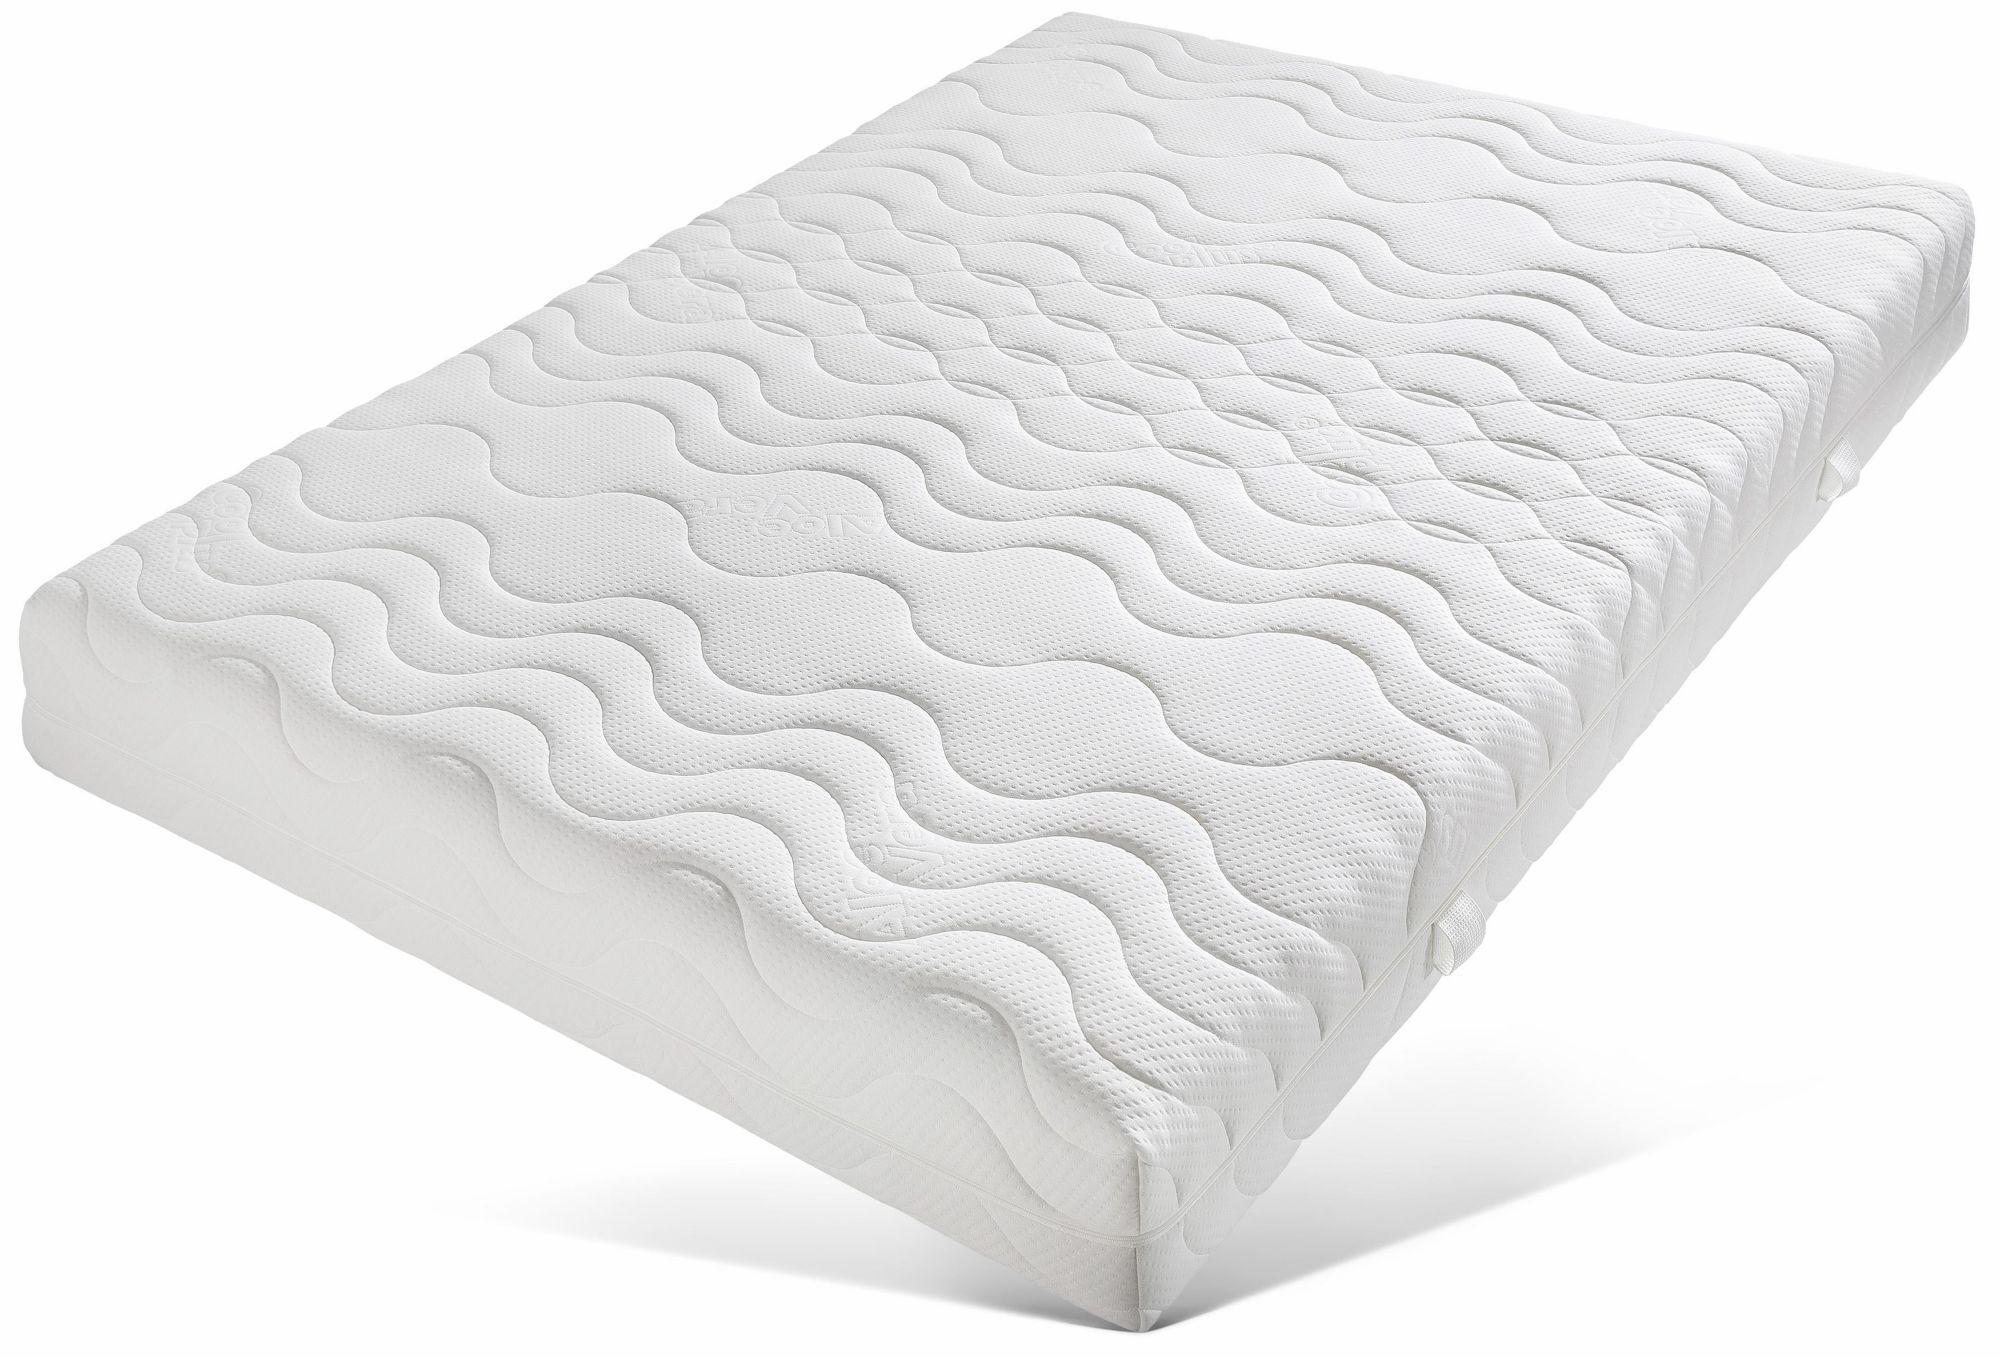 BECO Komfortschaummatratze, »Premium Cool Plus«, BeCo, 25 cm hoch, Raumgewicht: 28, 4 Härtegrade zu Wahl